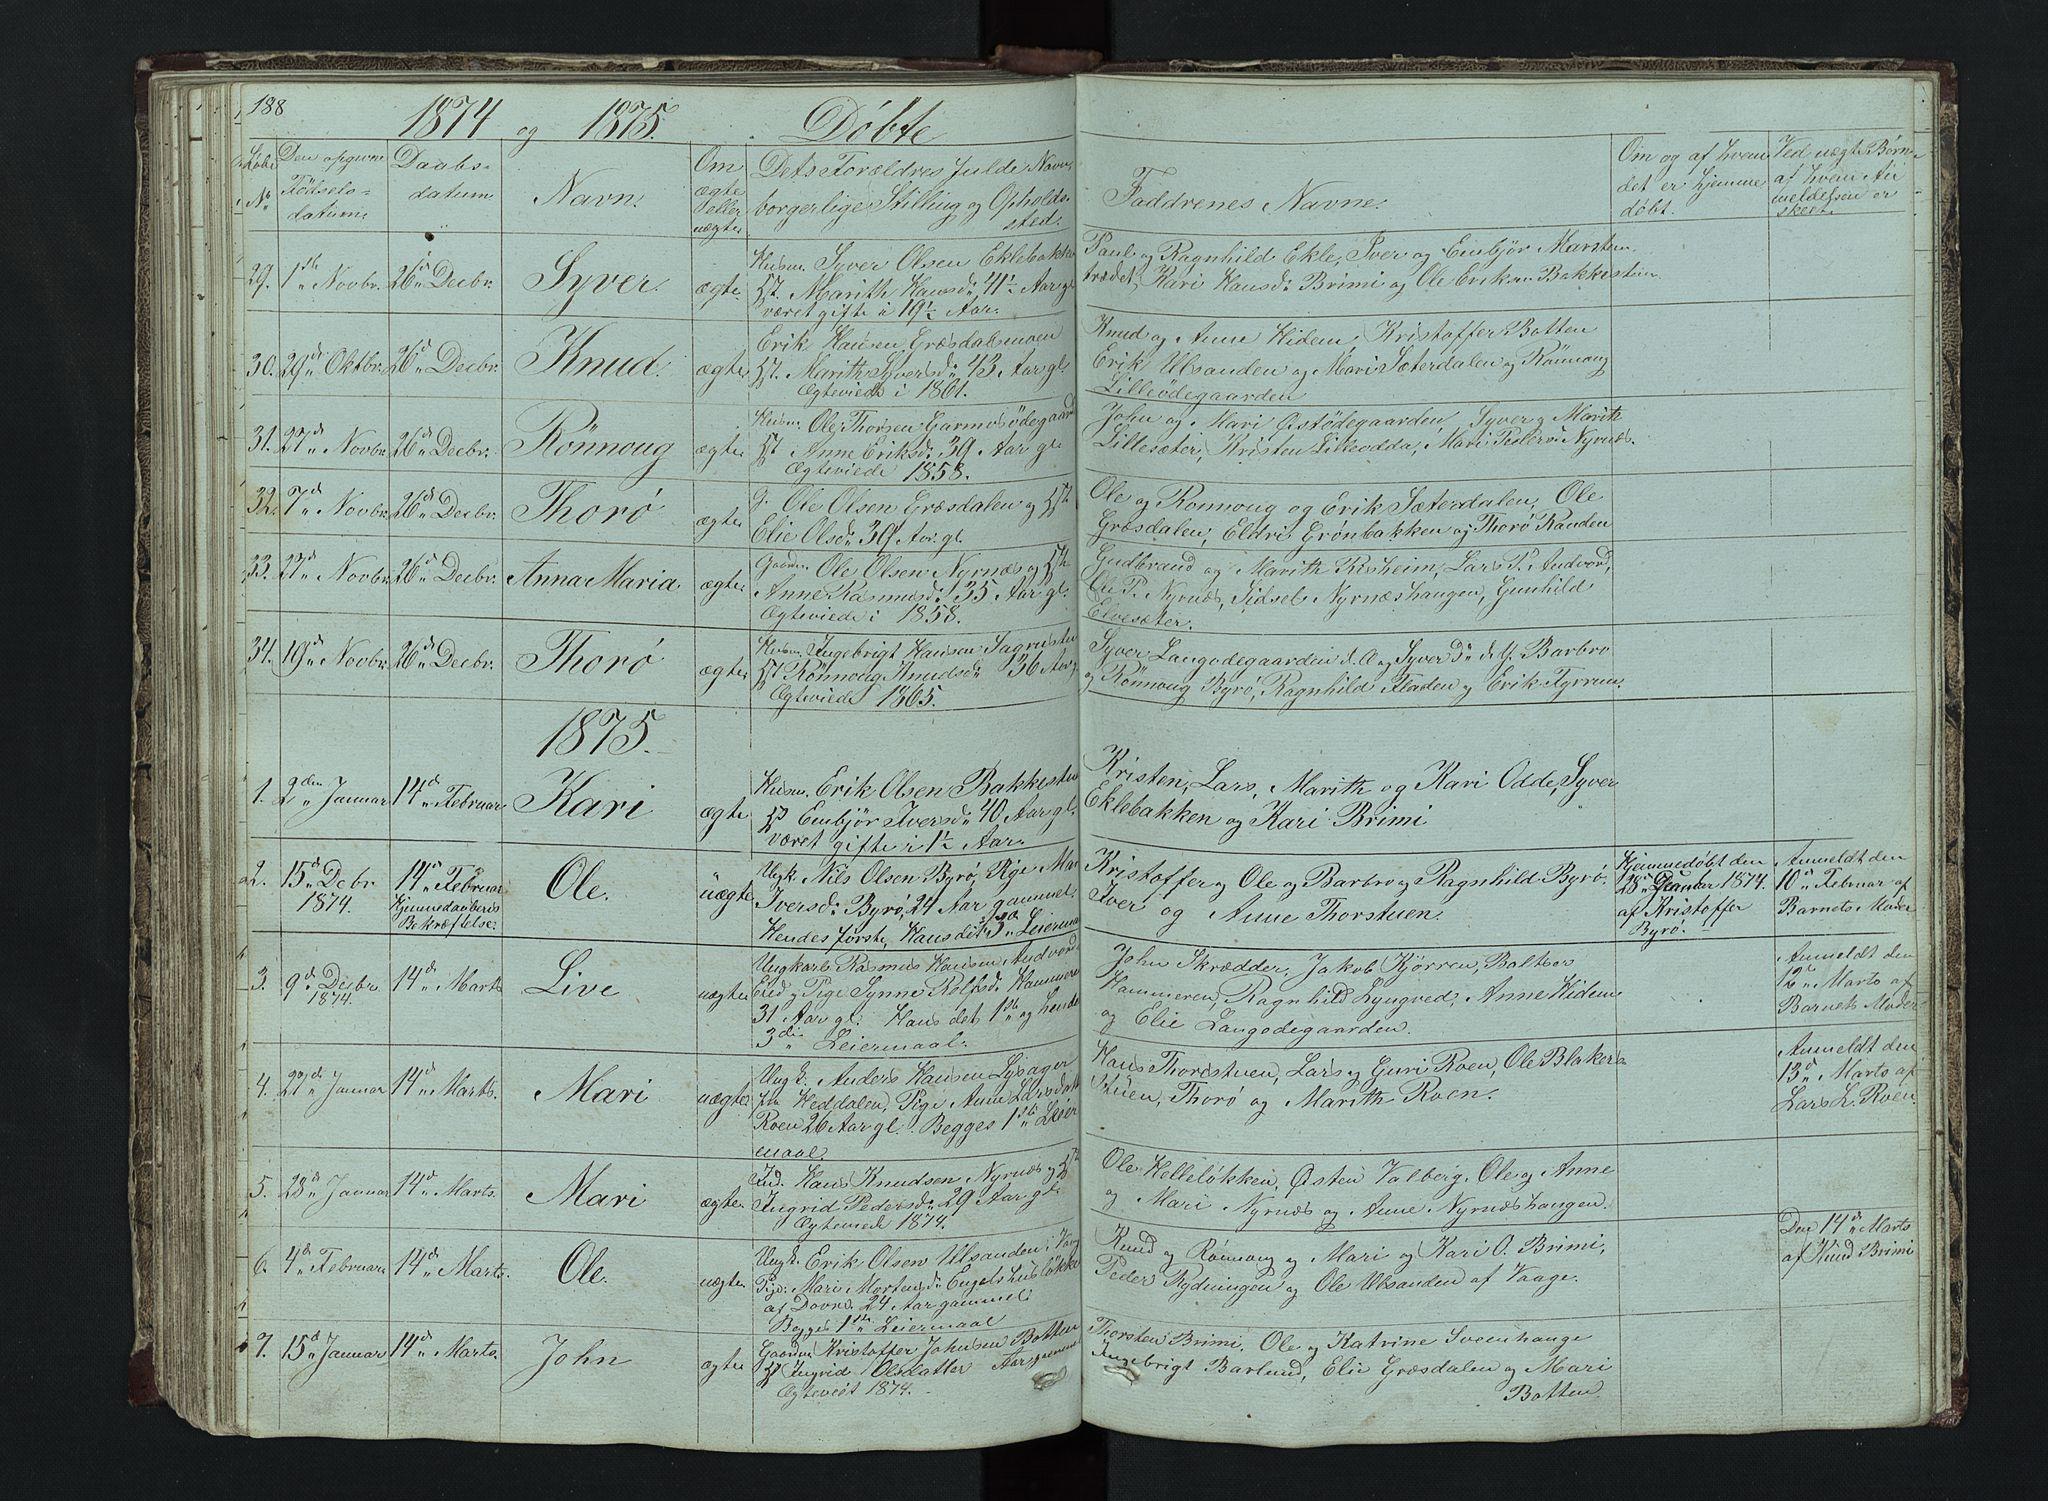 SAH, Lom prestekontor, L/L0014: Klokkerbok nr. 14, 1845-1876, s. 188-189